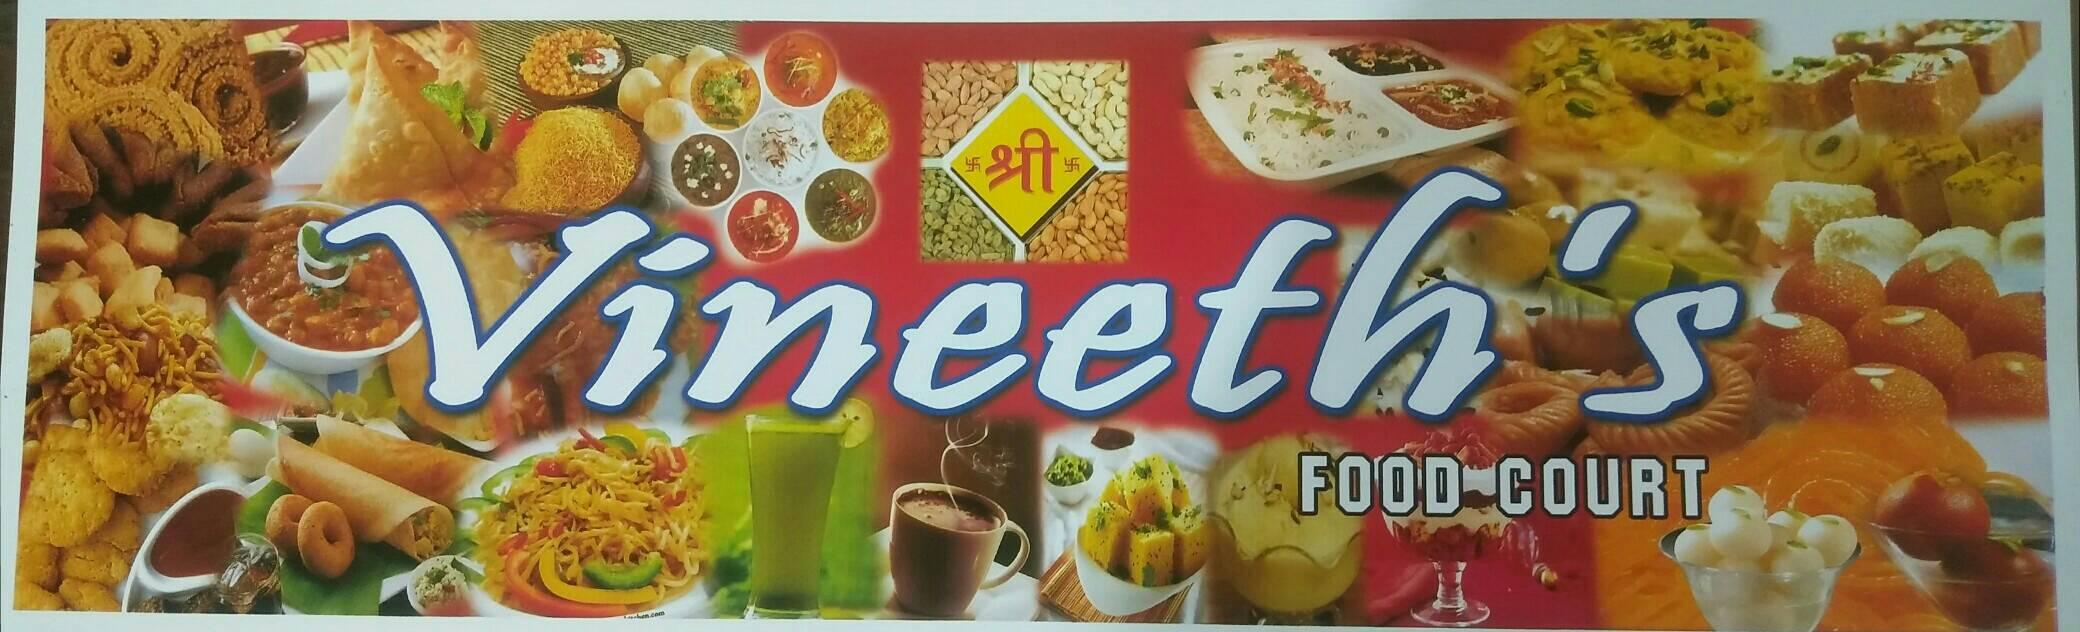 Shree Vineeth - logo